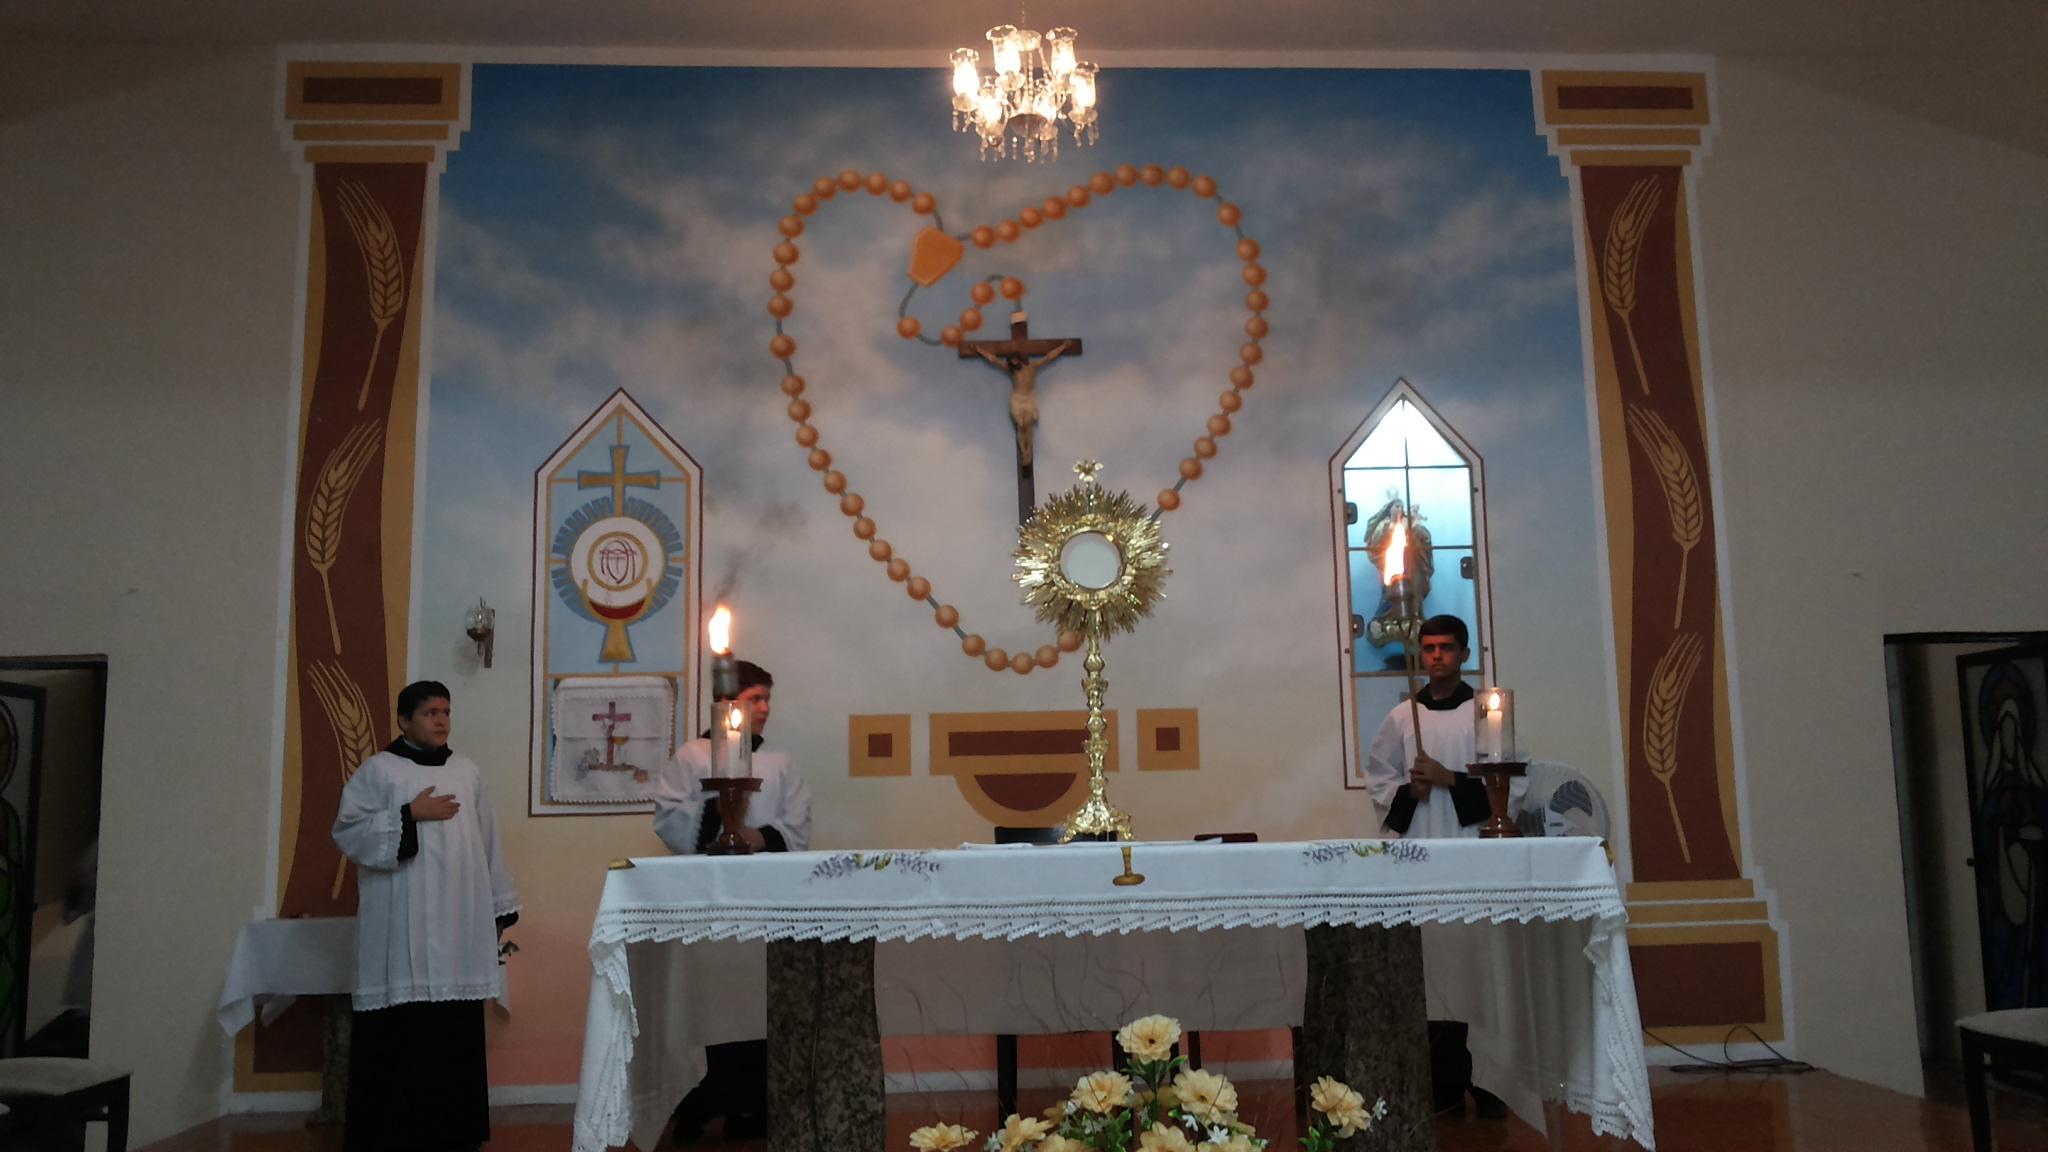 Santíssimo no Altar da Igreja de Nossa Senhora do Rosário, em Maranguape-CE. Foto Dadynha Saturnino